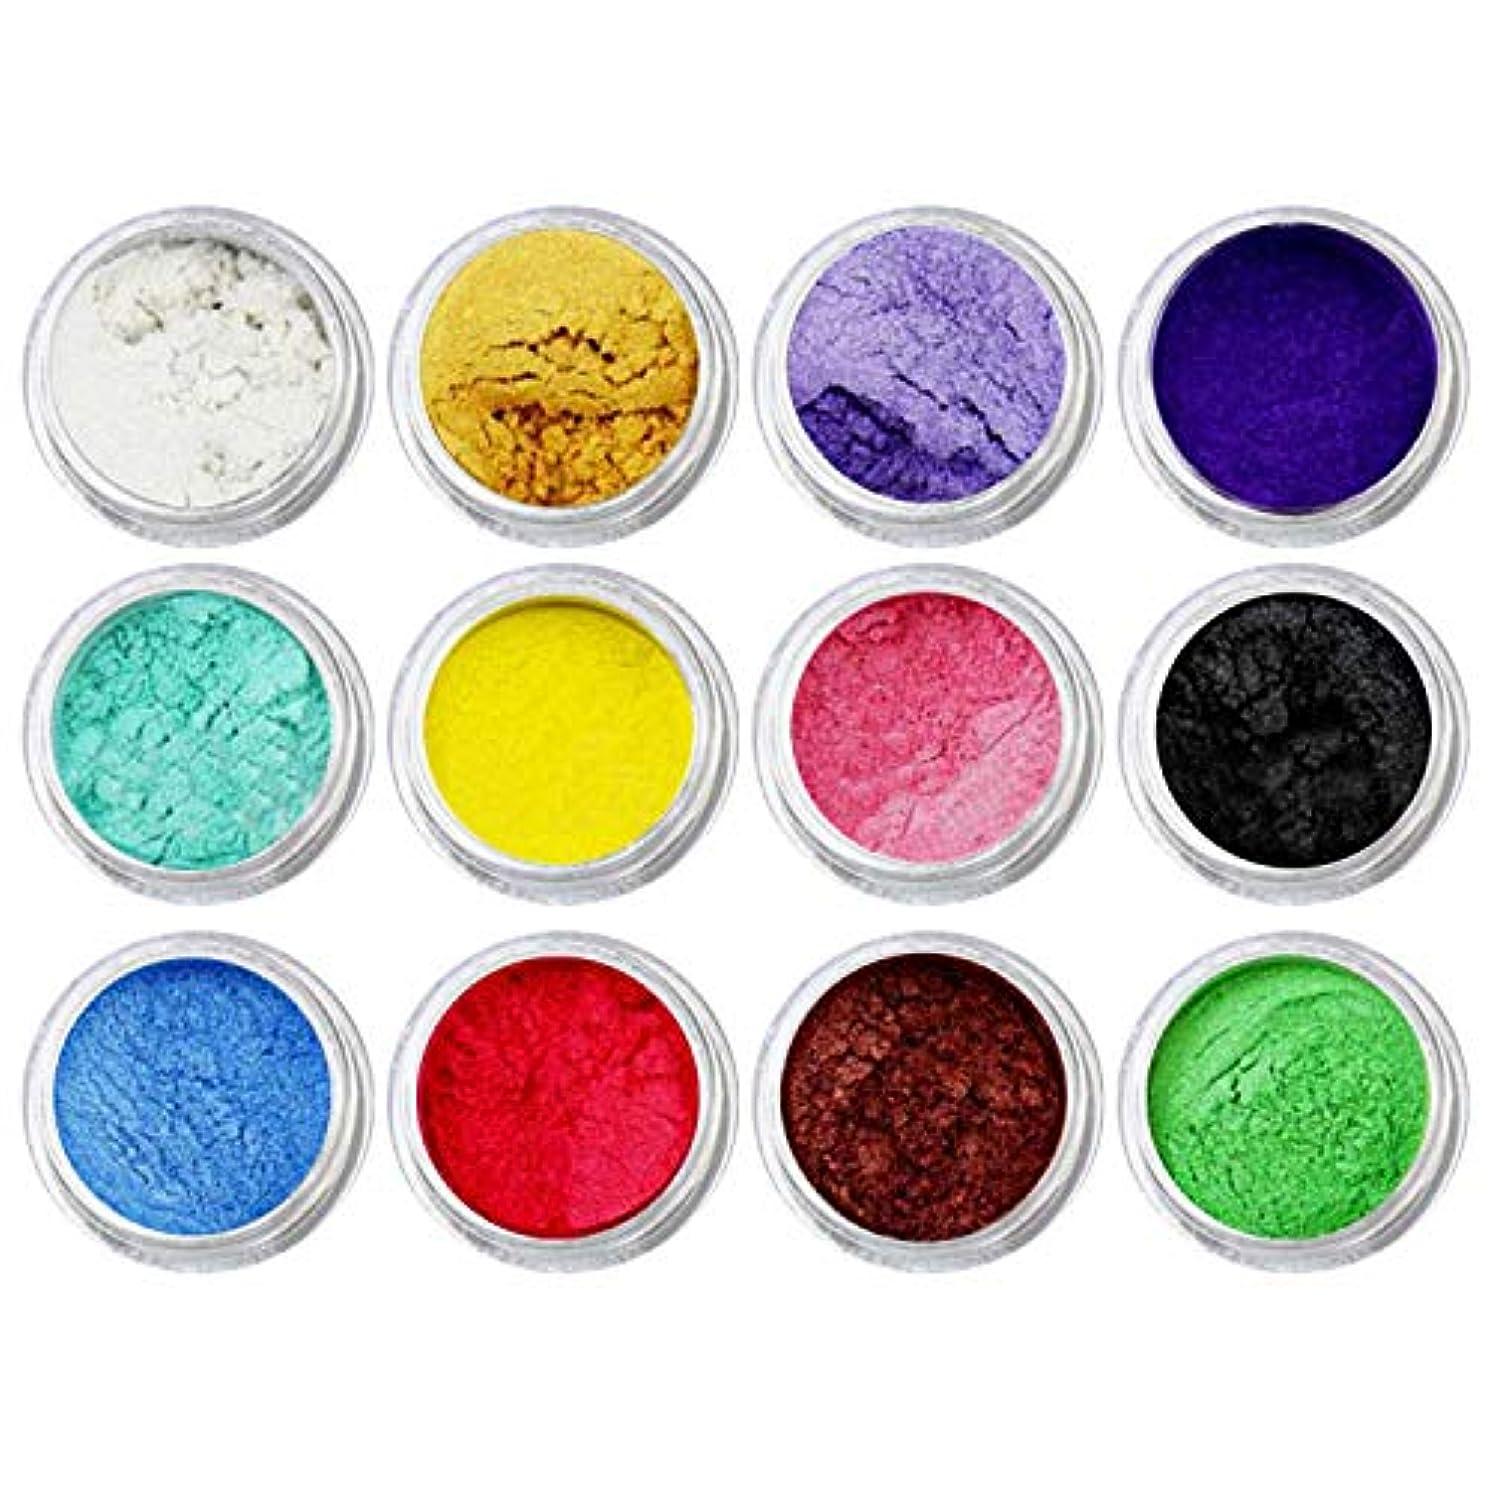 頬骨ペック幾分DIYネイルアートクラフトプロジェクトスライム作り用品のための12個混合色着色顔料マイカパールパウダー